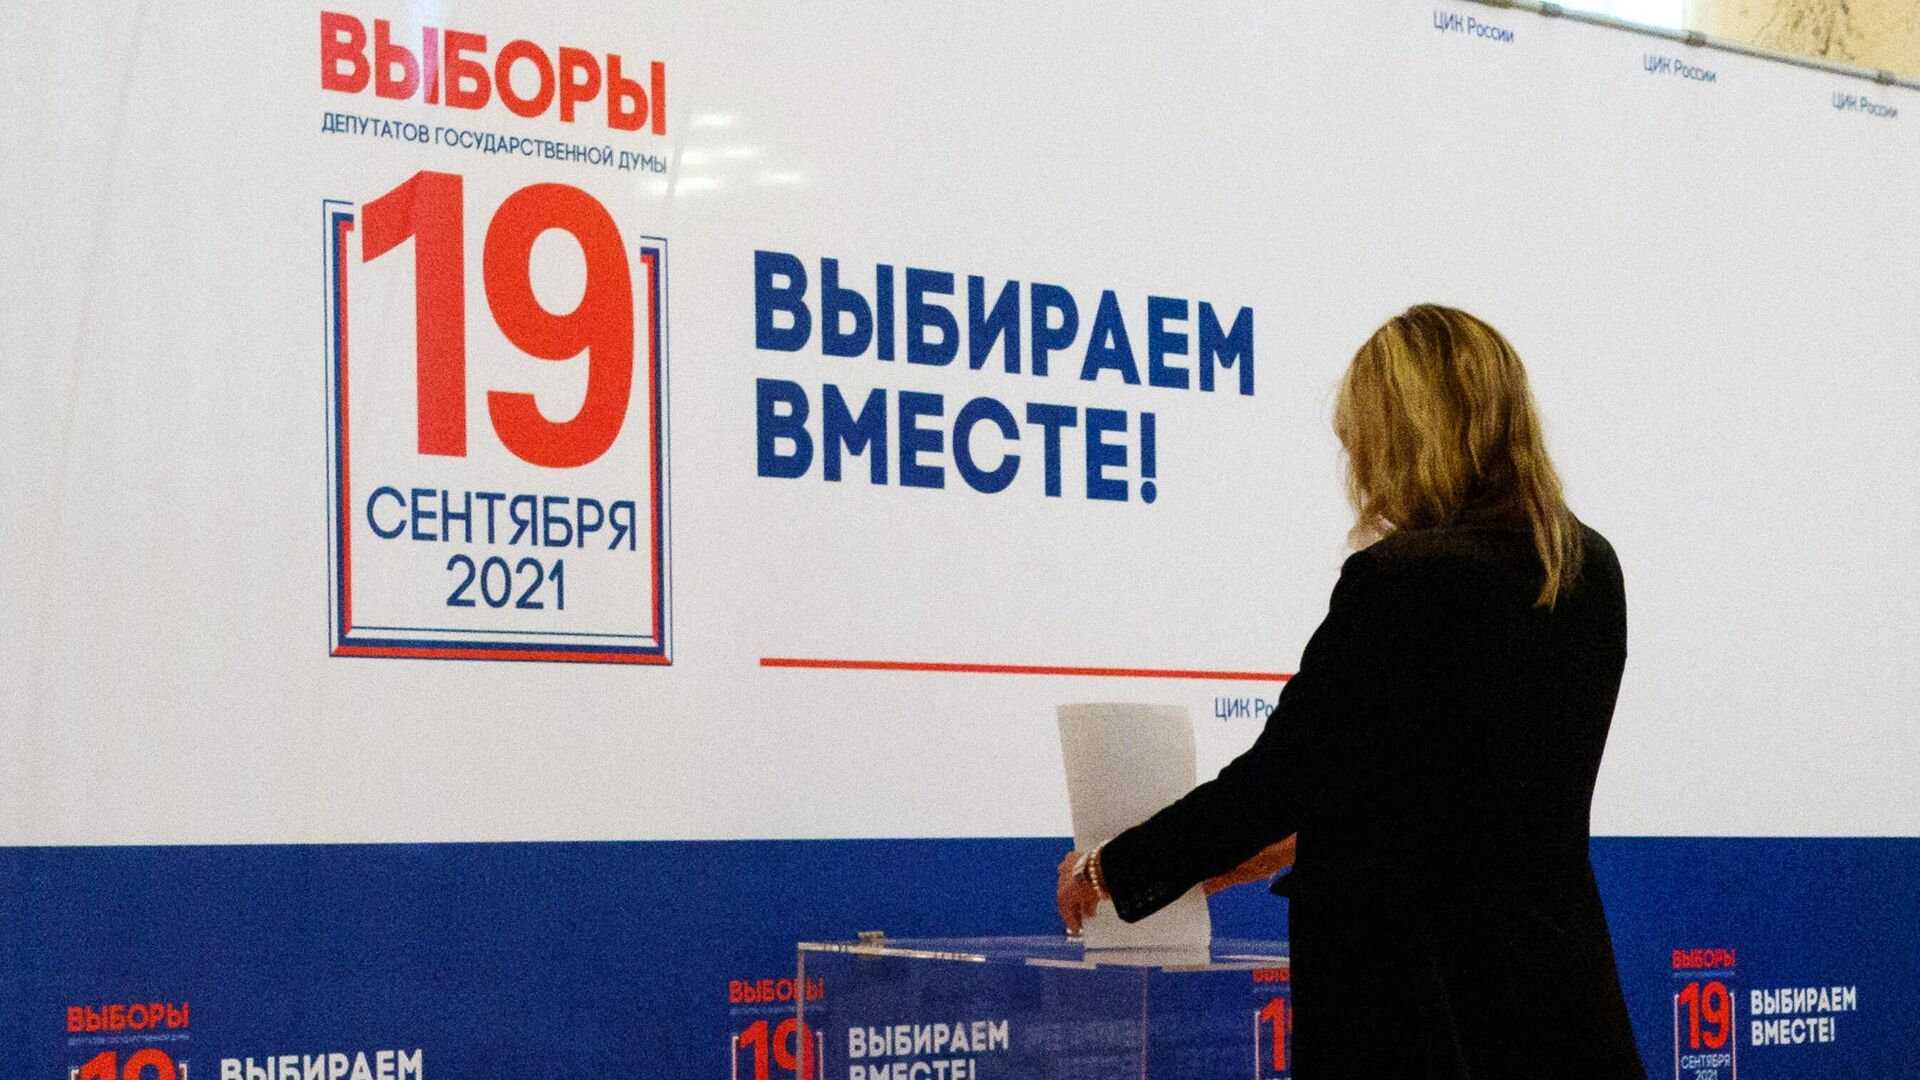 Glasanje za Državnu dumu Rusije - Sputnik Srbija, 1920, 19.09.2021